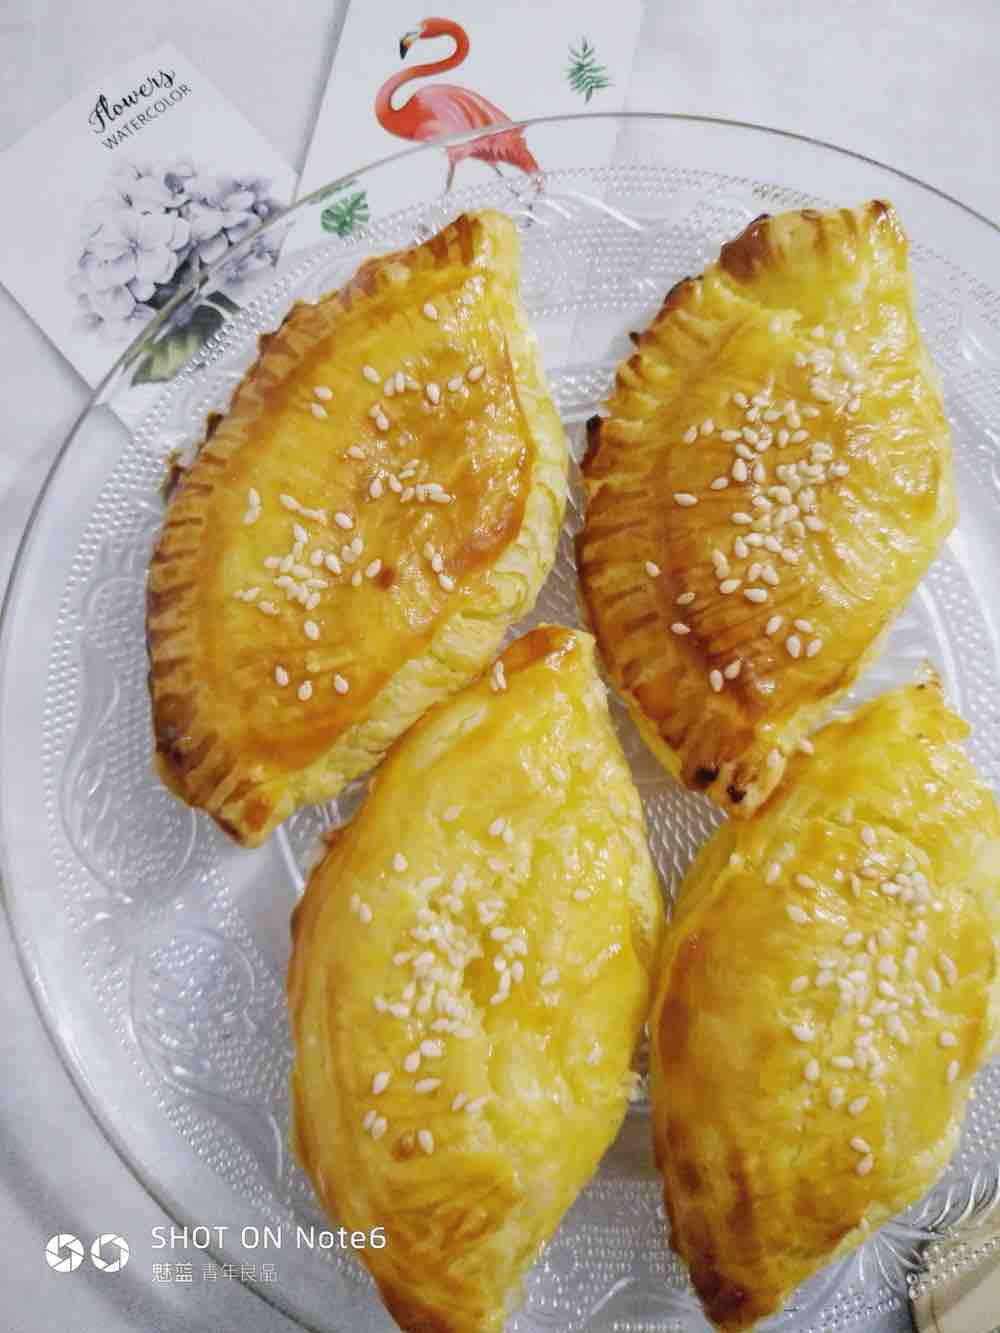 酥到掉渣的香蕉酥/榴莲酥,简单蛋挞皮芒果派/苹果派